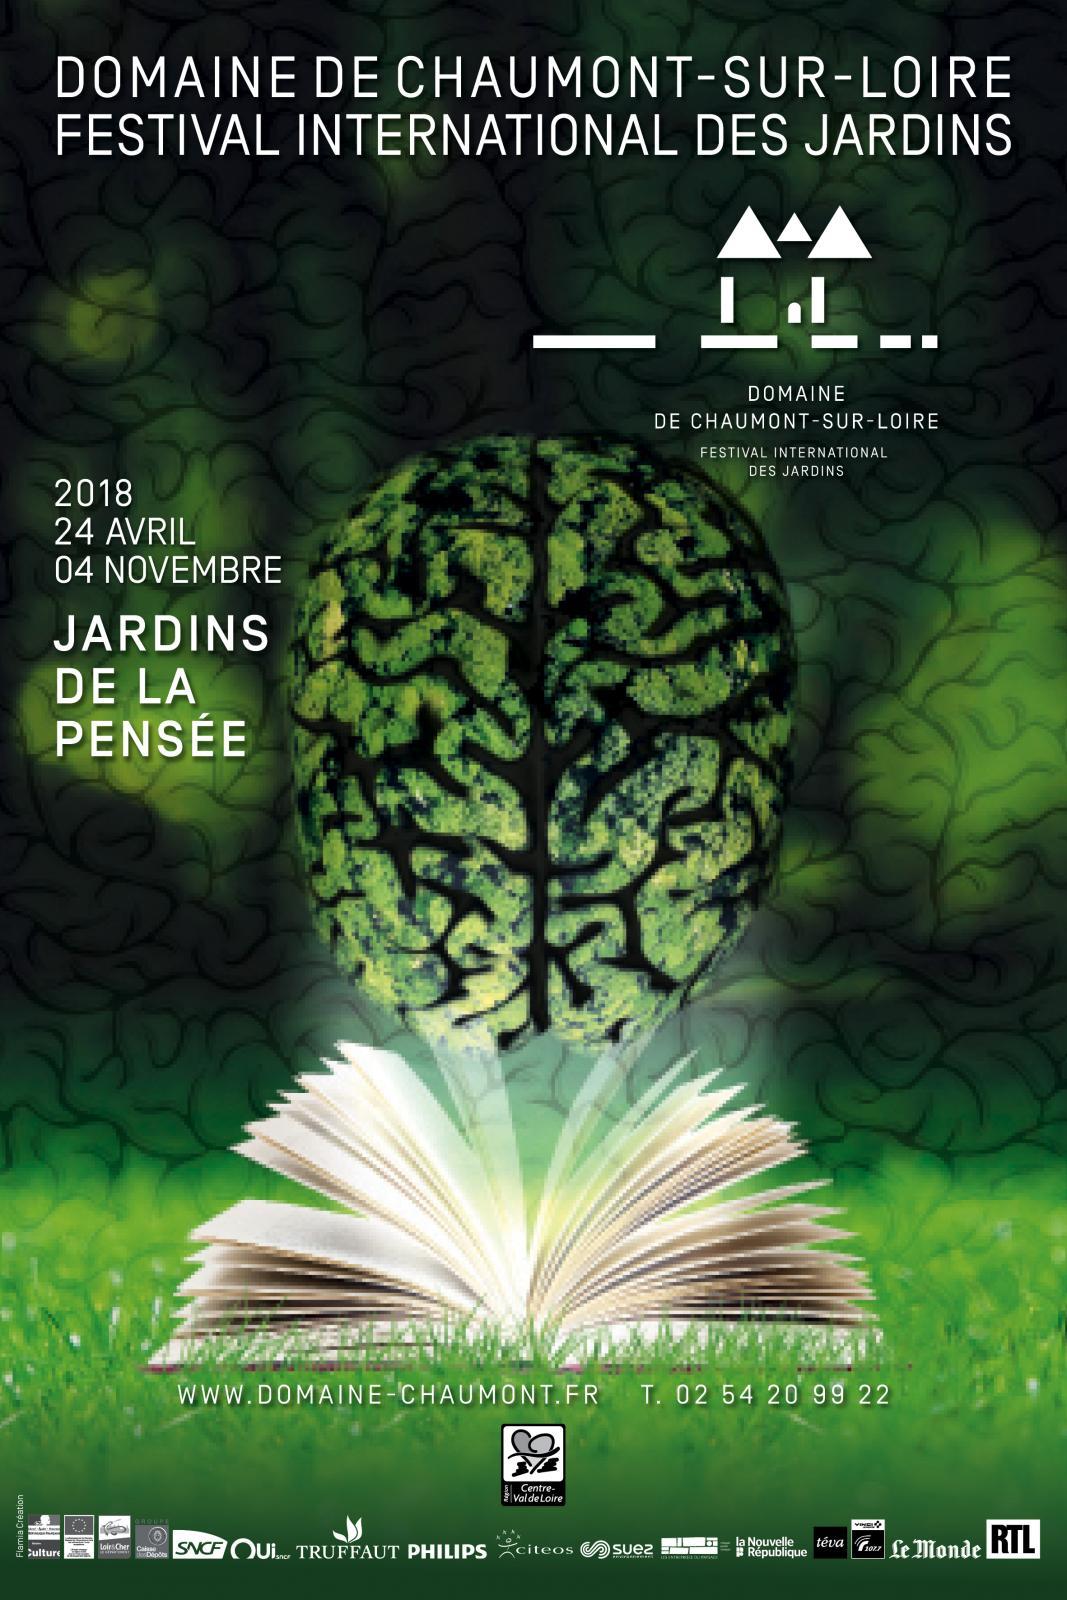 Festival international des jardins chaumont sur loire - Chaumont sur loire office du tourisme ...